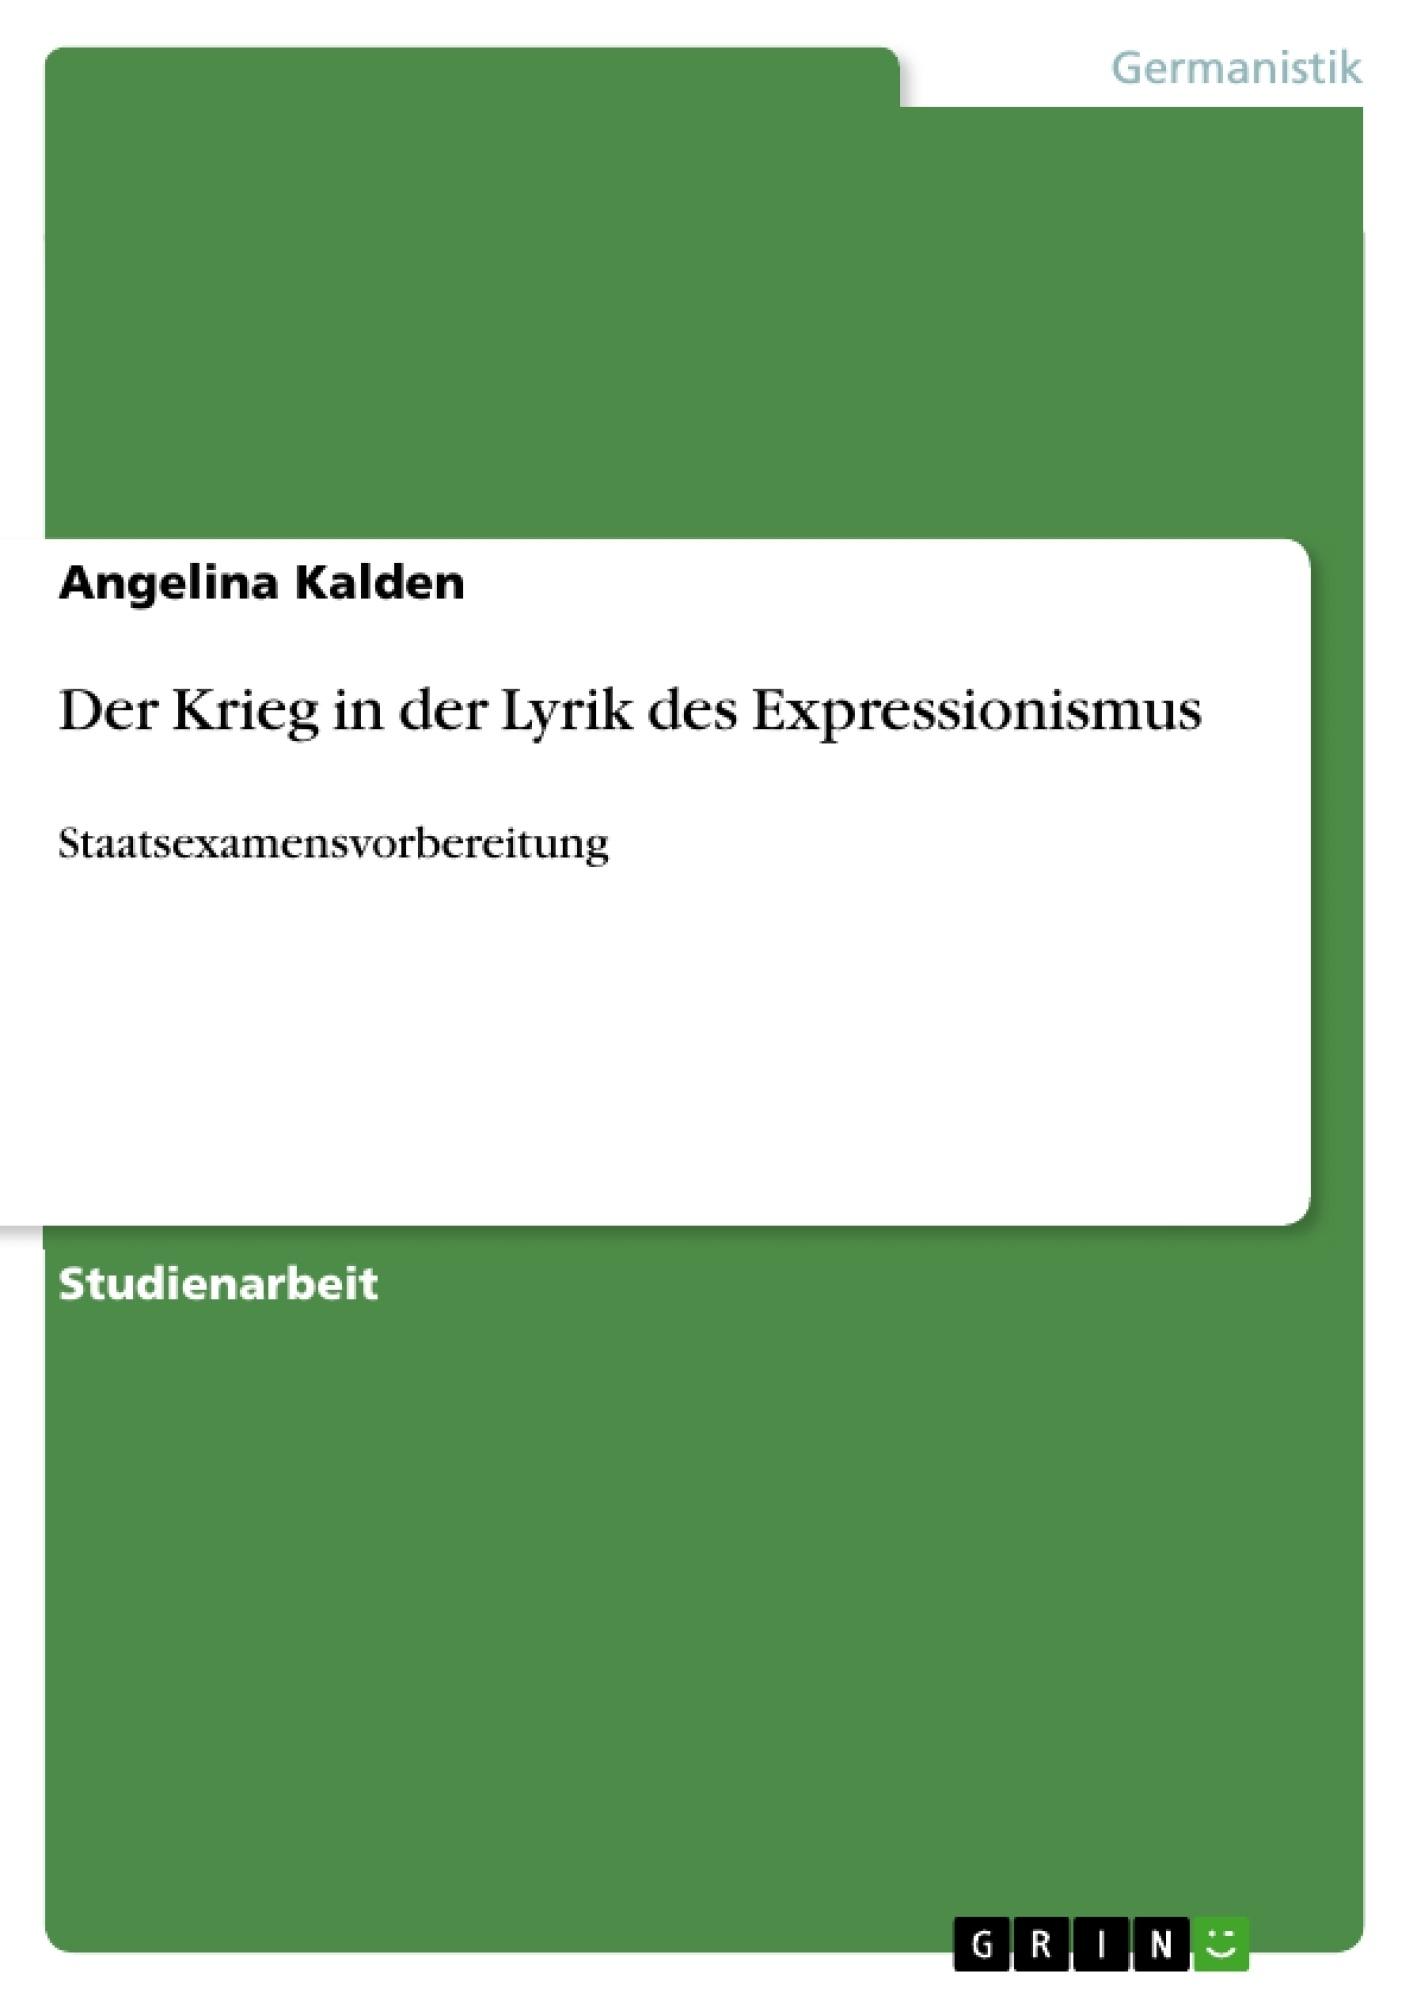 Titel: Der Krieg in der Lyrik des Expressionismus